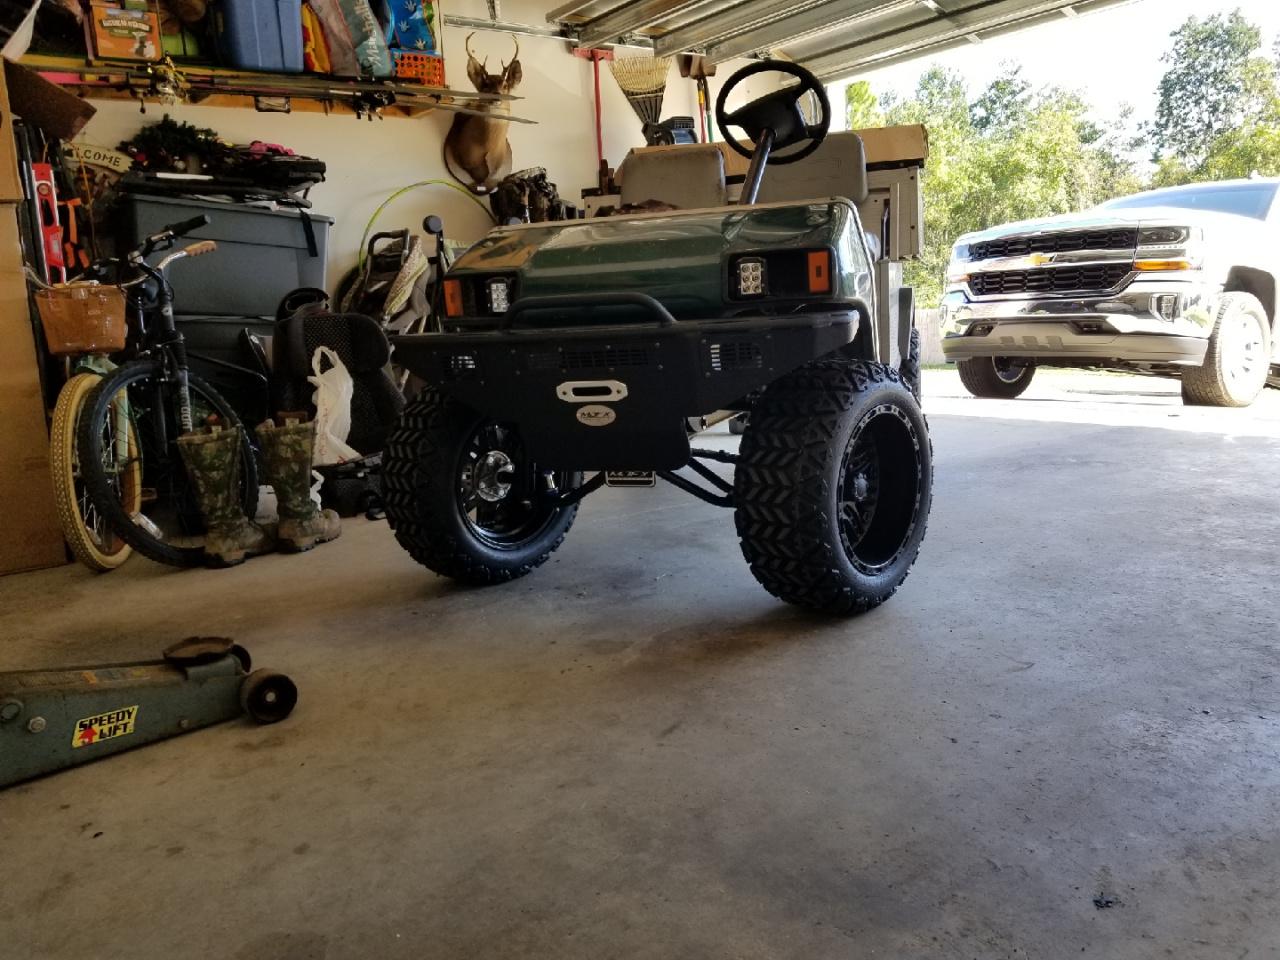 2002 Club Car Carryall Gas Golf Cart-8581438e-386e-4037-8d81-0185b86b06c5-jpg